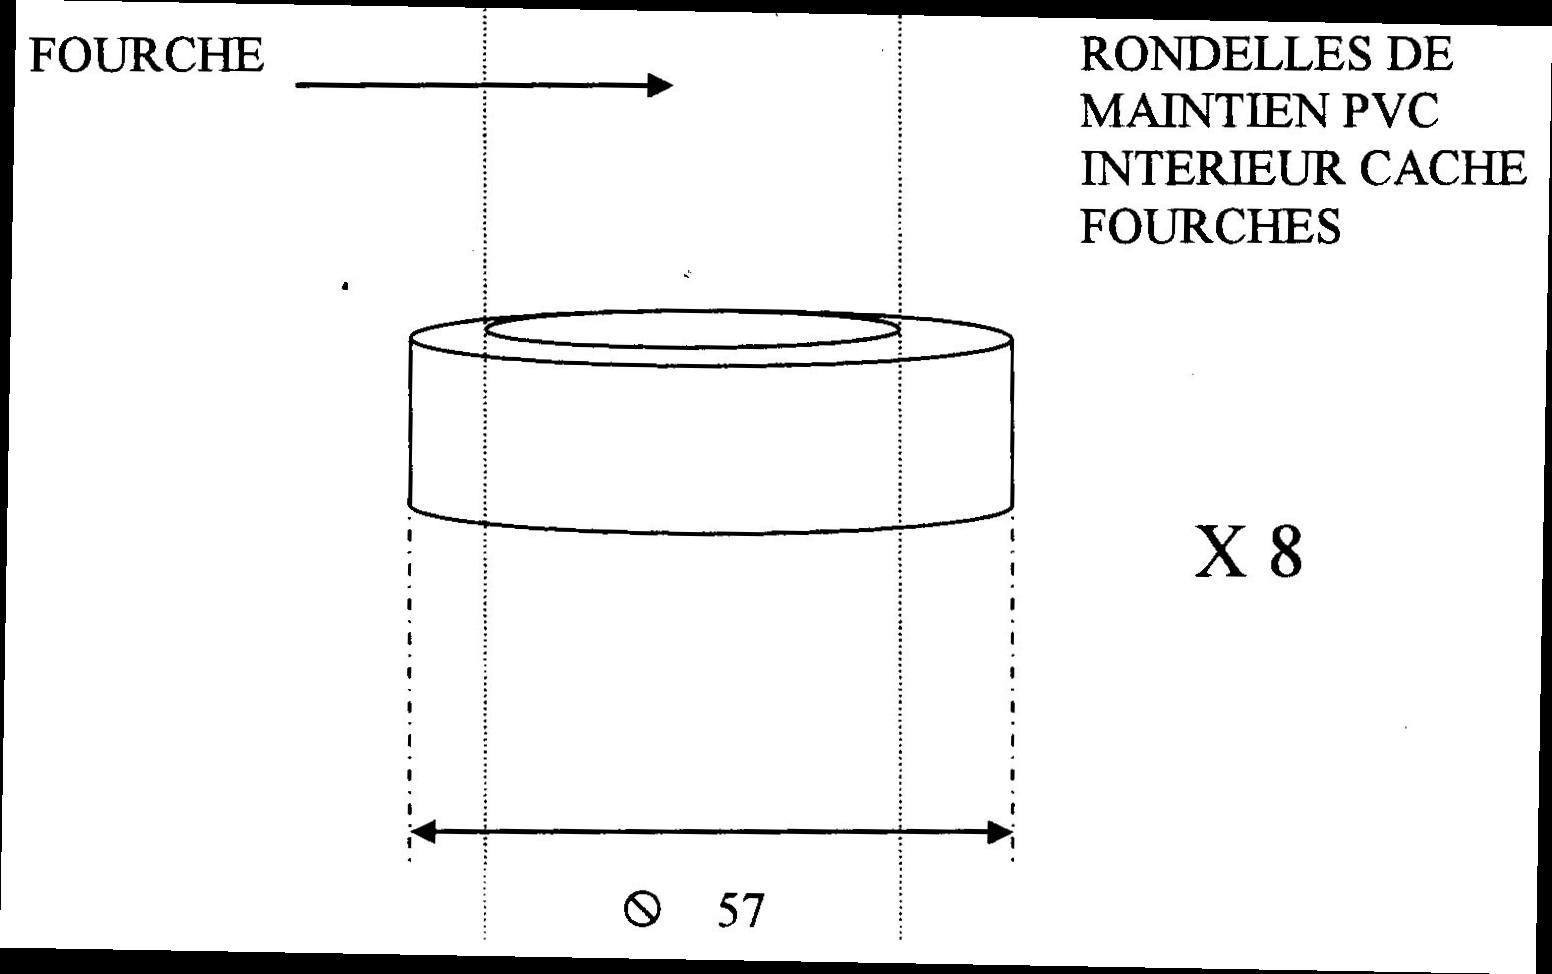 rondelles.jpg